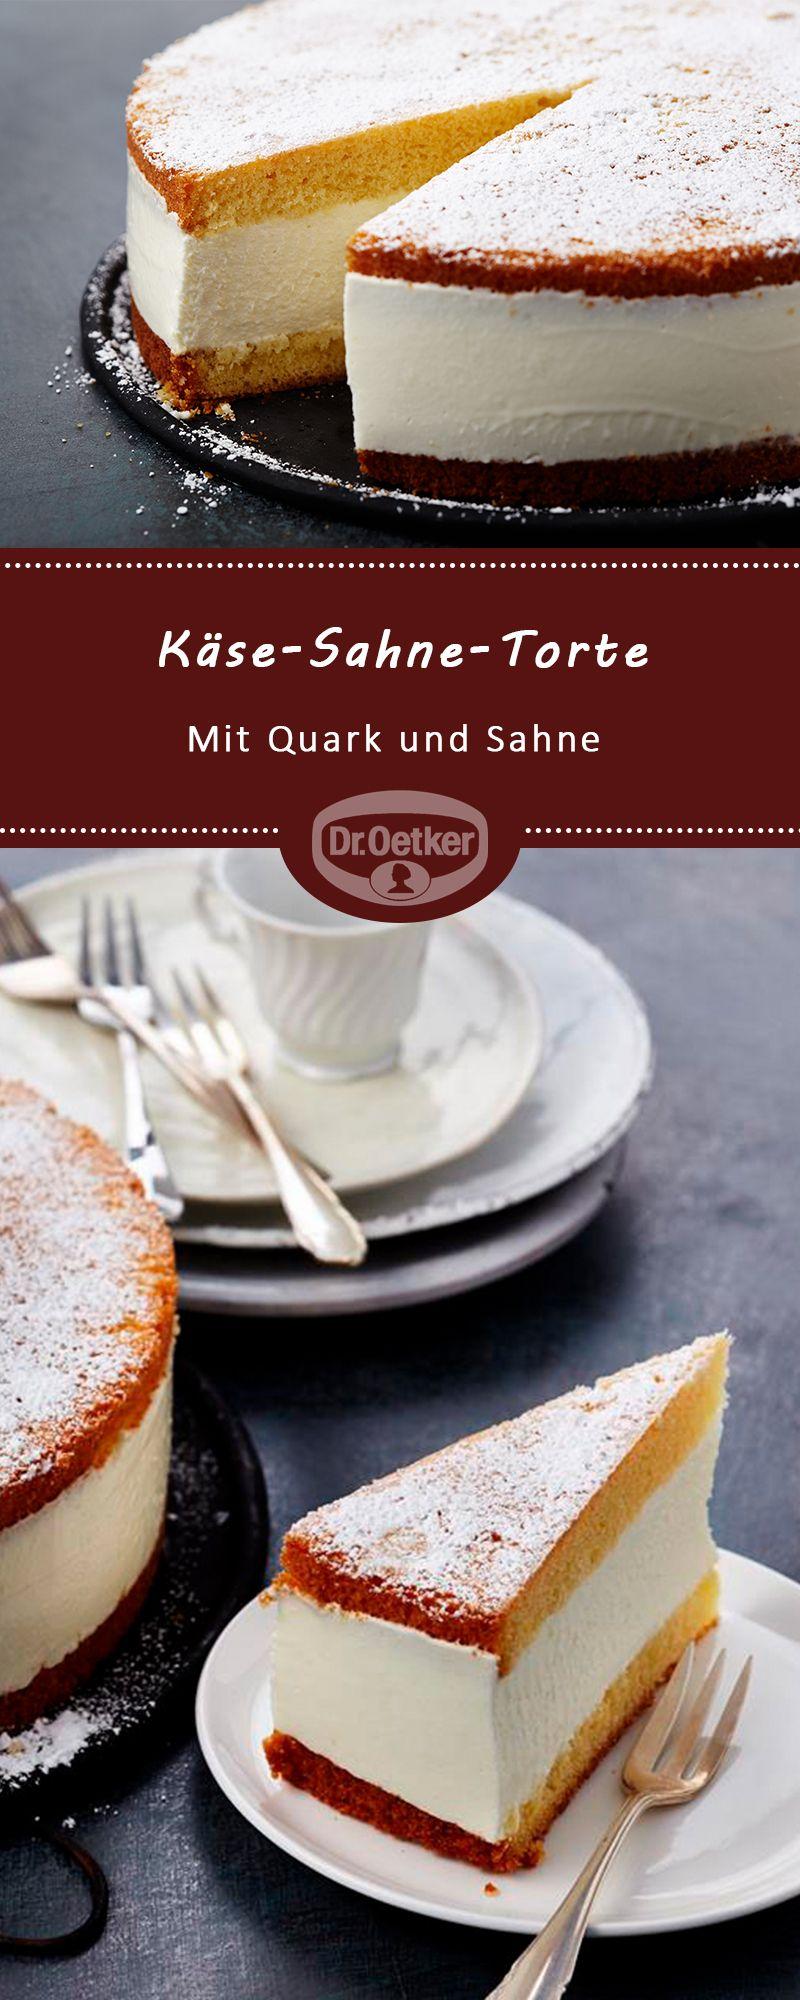 Käse-Sahne-Torte #tortegeburtstag